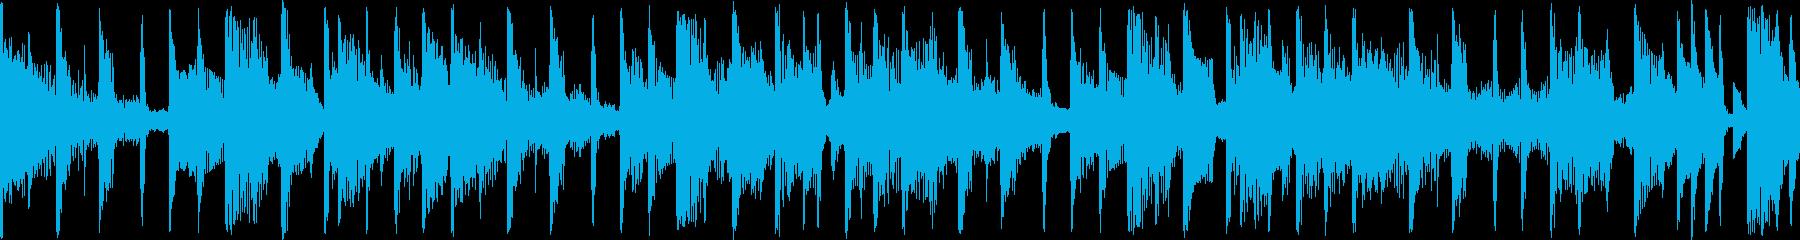 法人 オルガン コーポレート ジャズの再生済みの波形